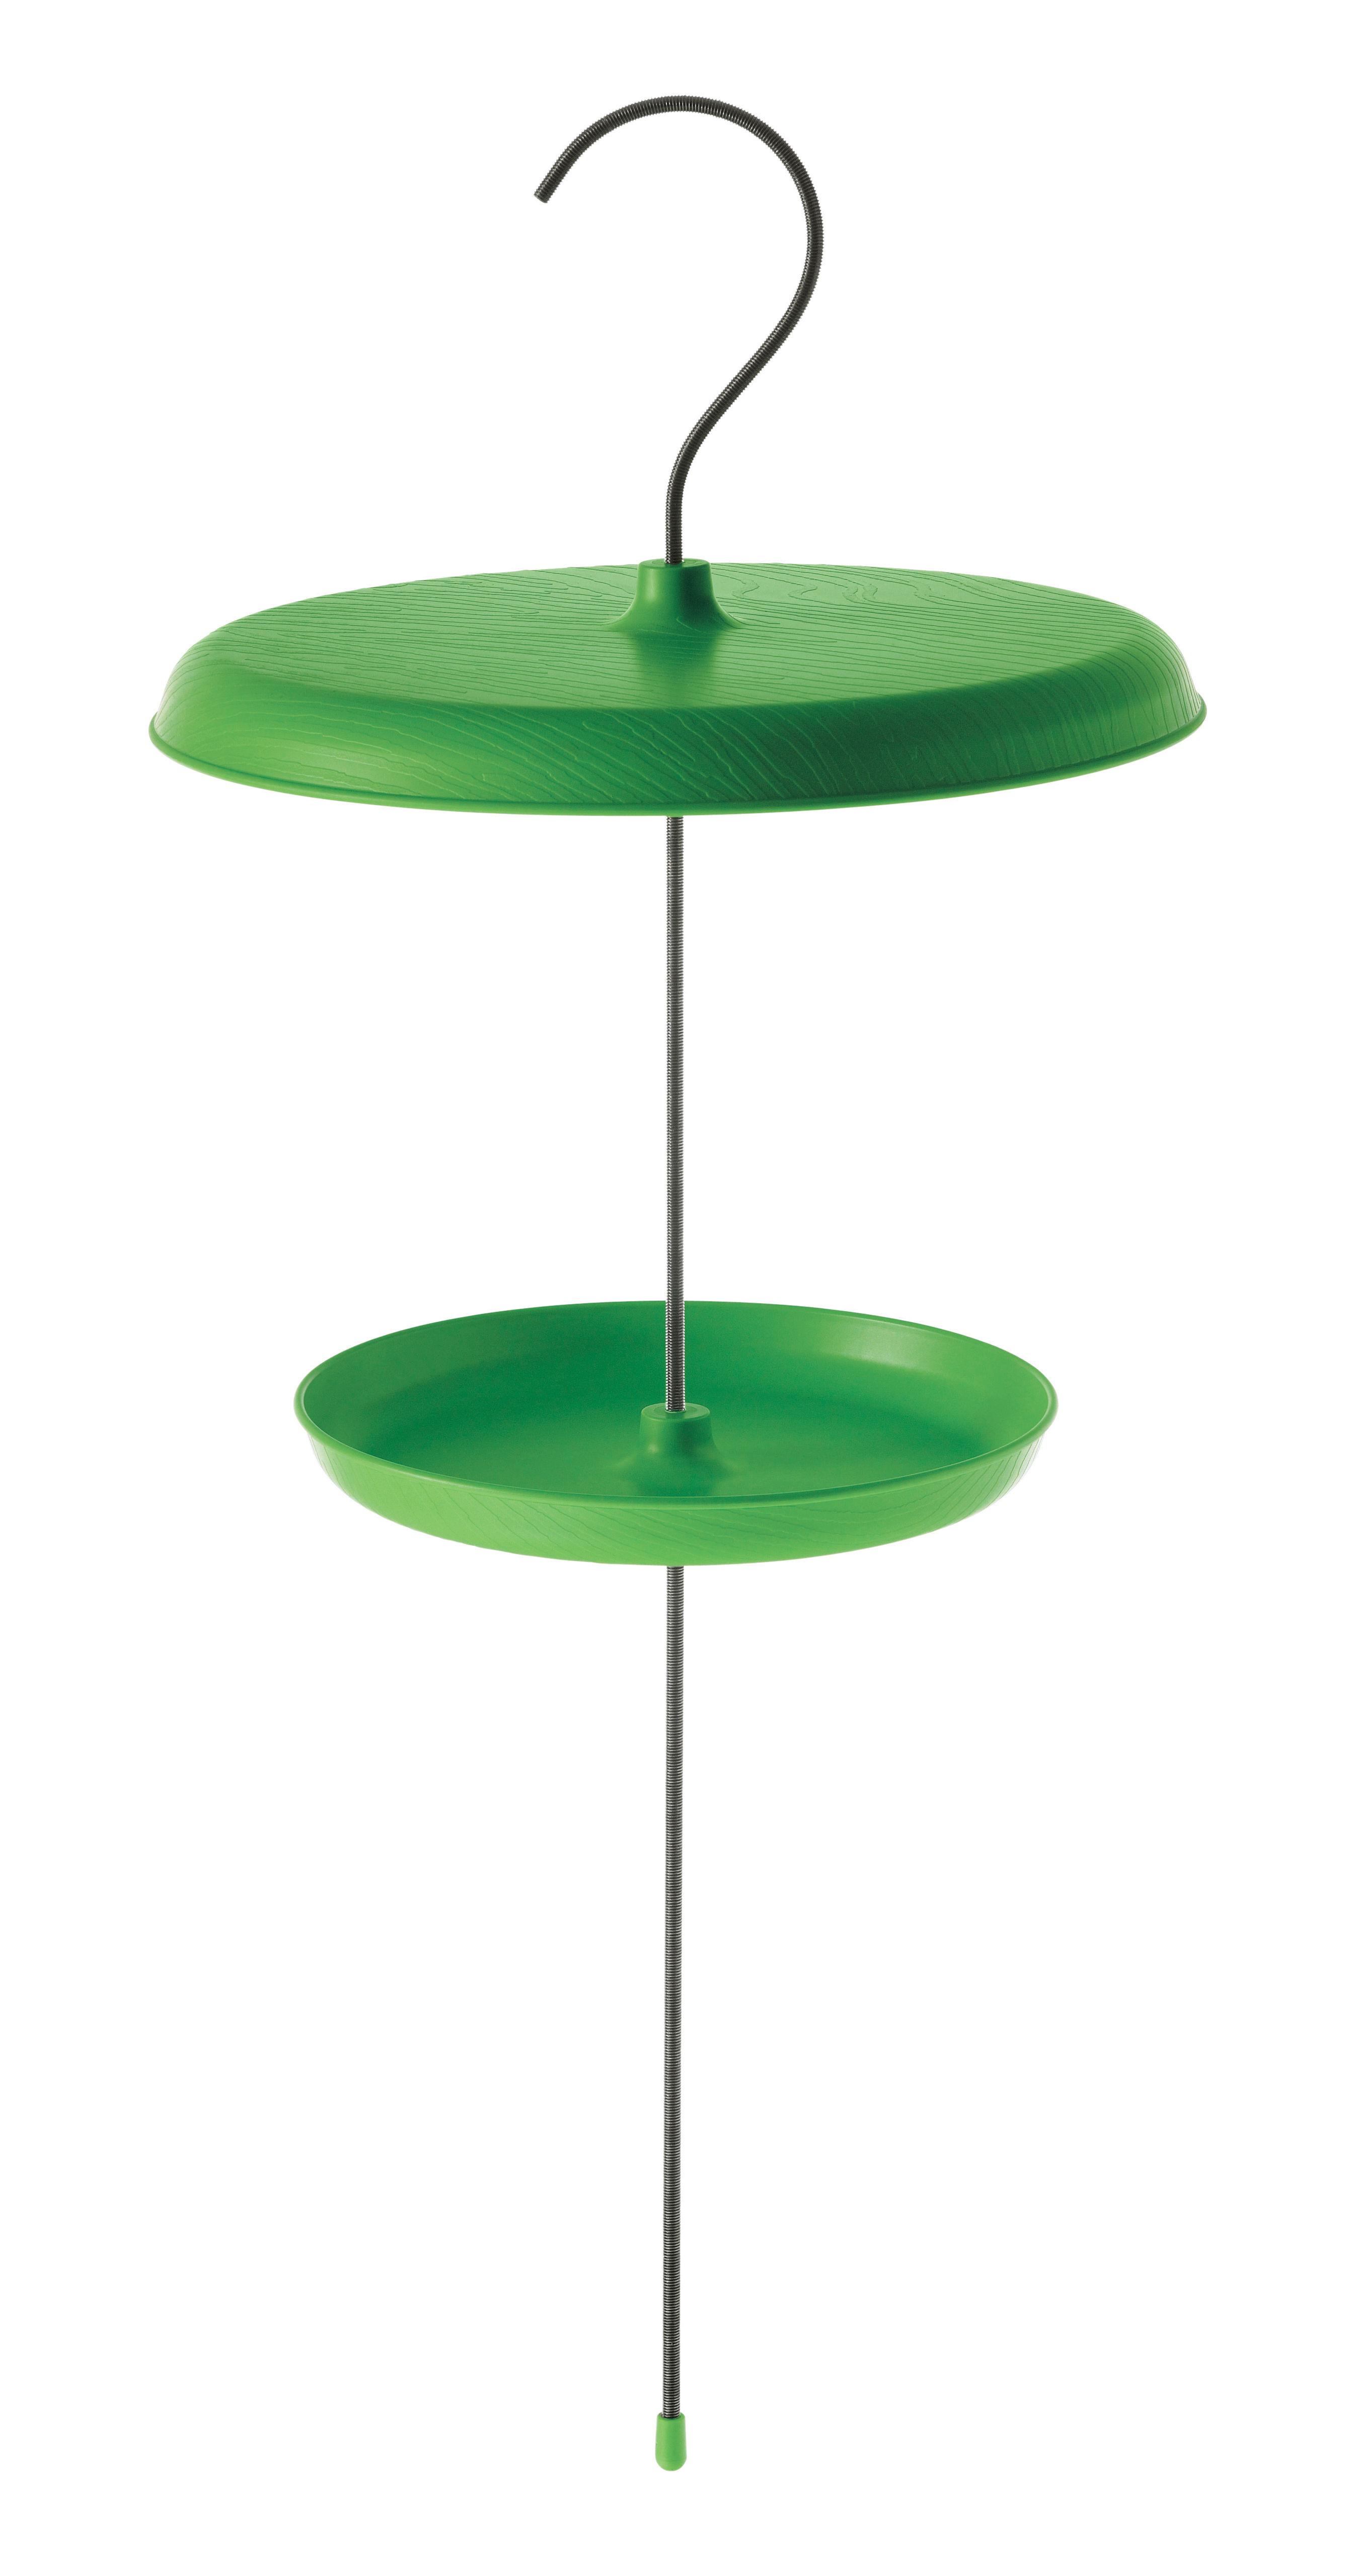 Outdoor - Deko-Accessoires für den Garten - Bird Table Futterstelle für Vögel - Magis - Grün - Polypropylen, rostfreier Stahl